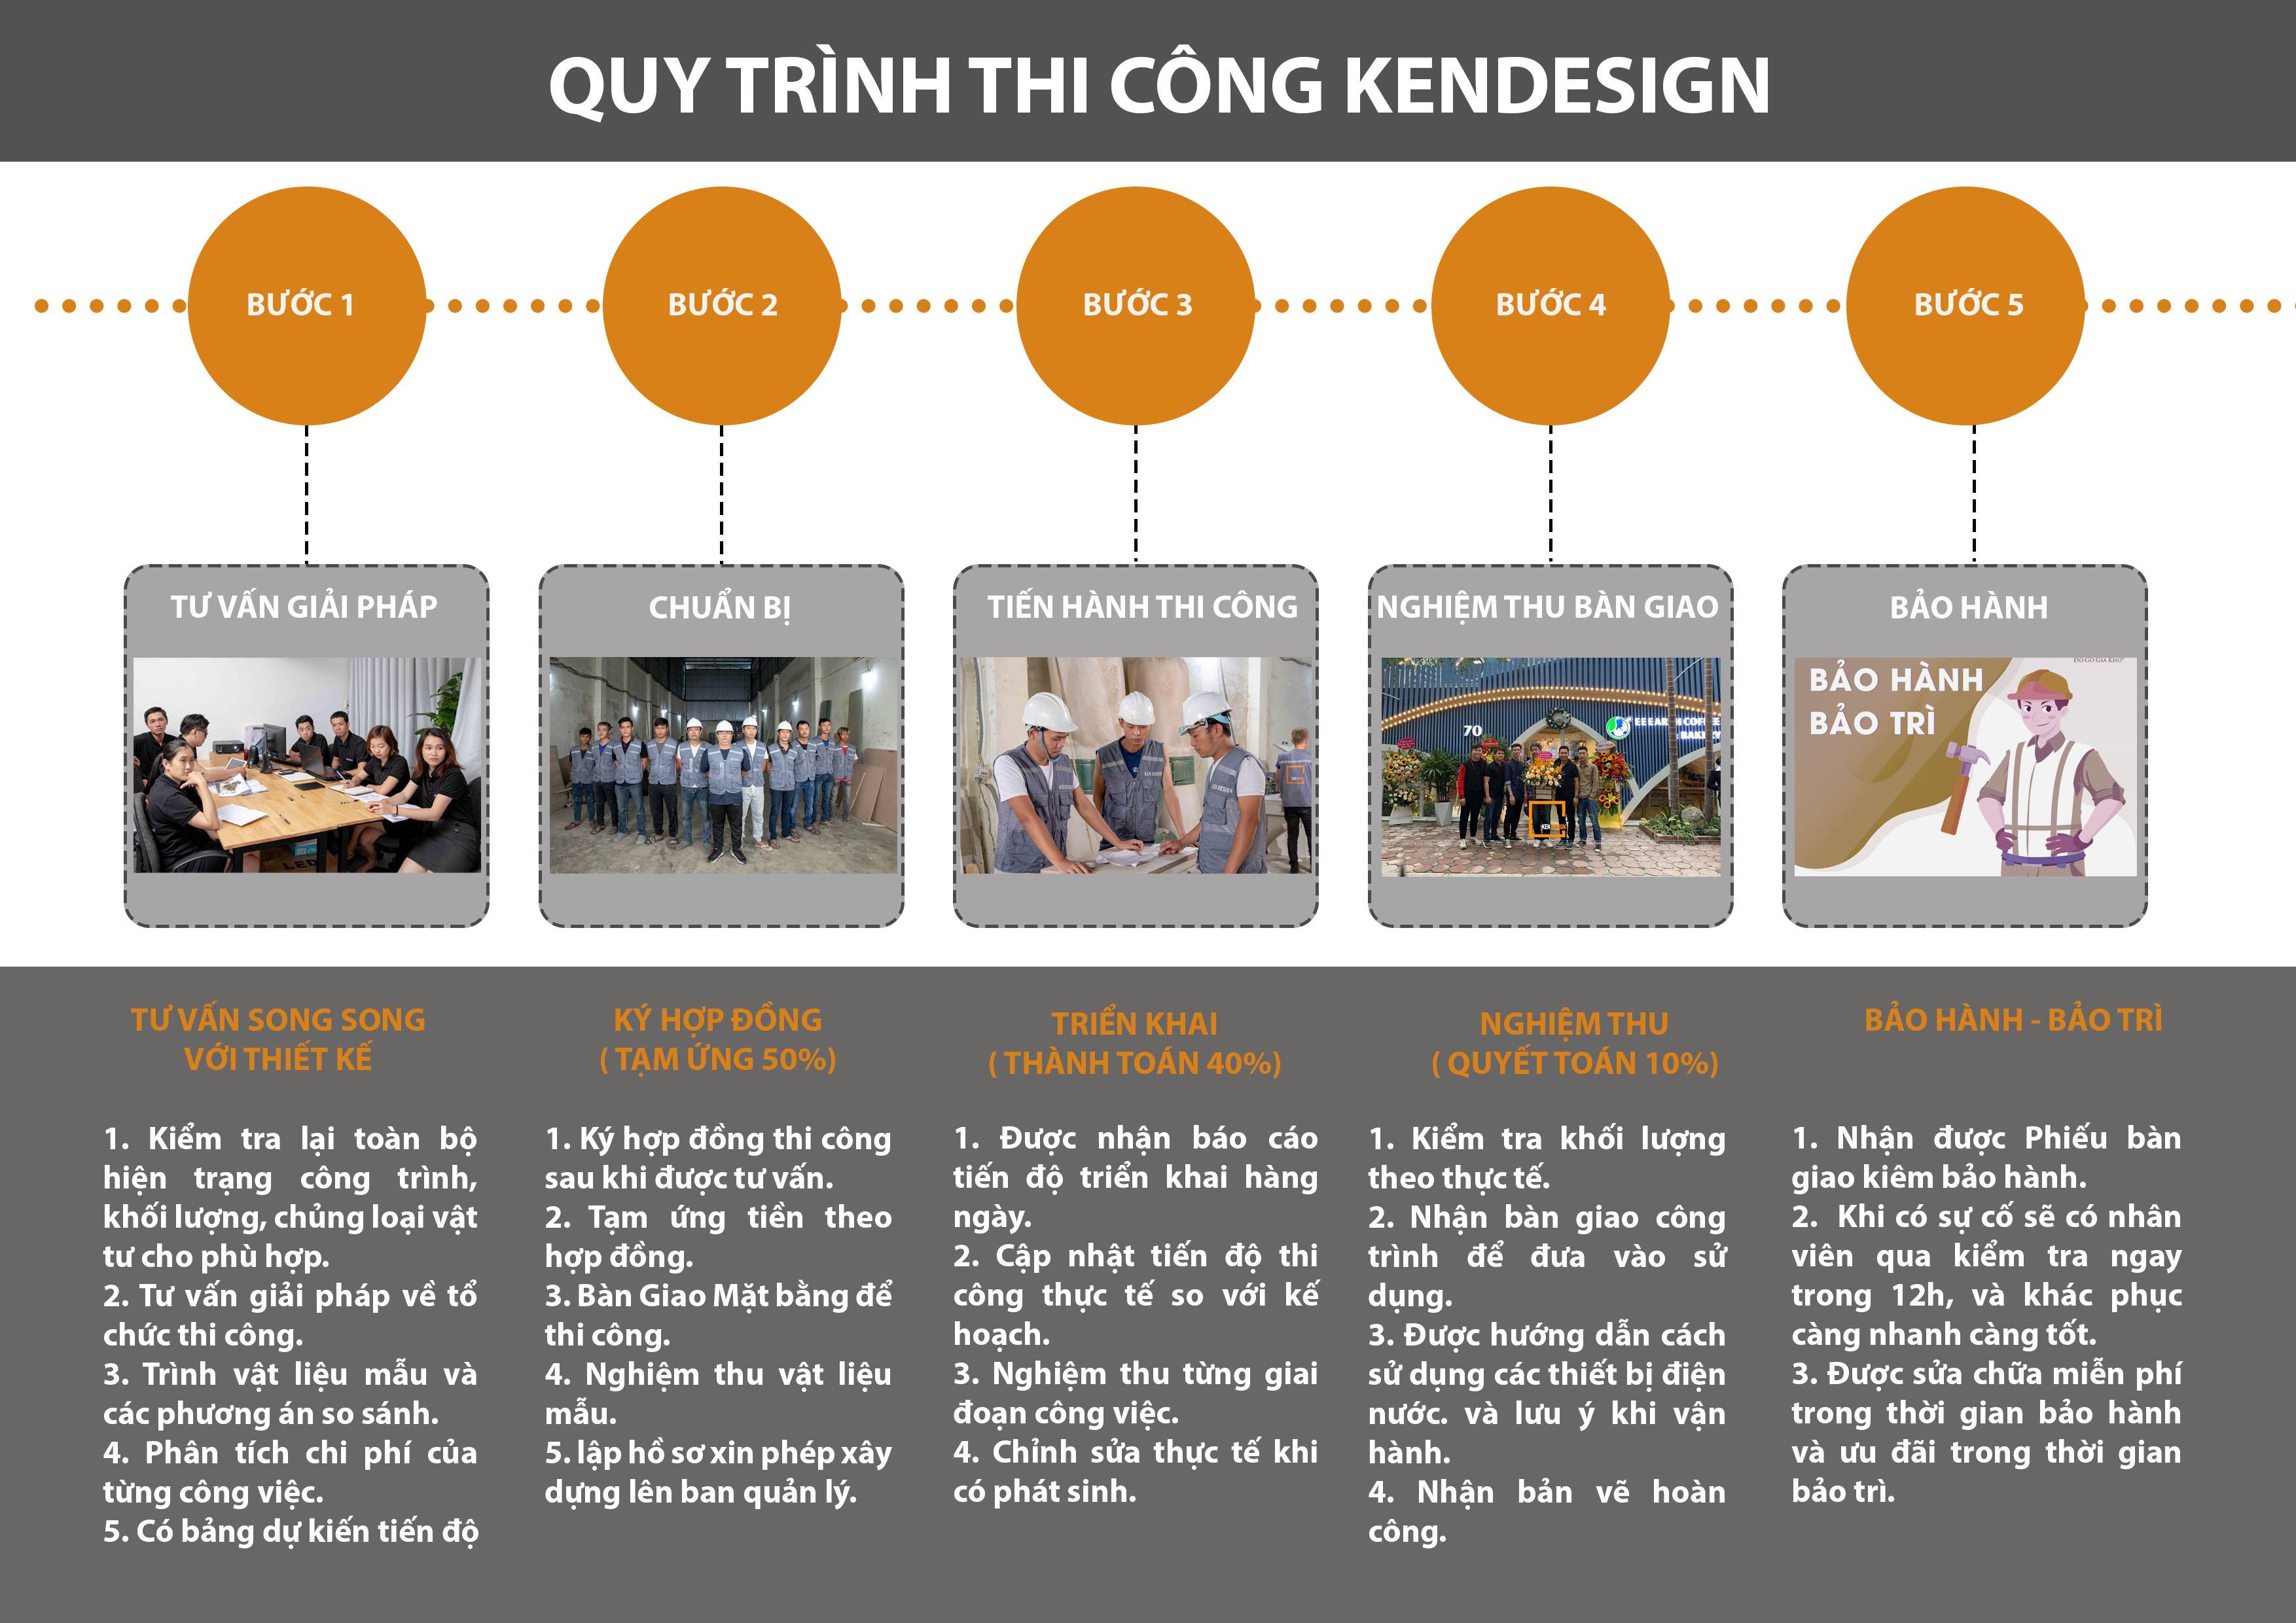 Quy trình thi công quán cafe Kendesign